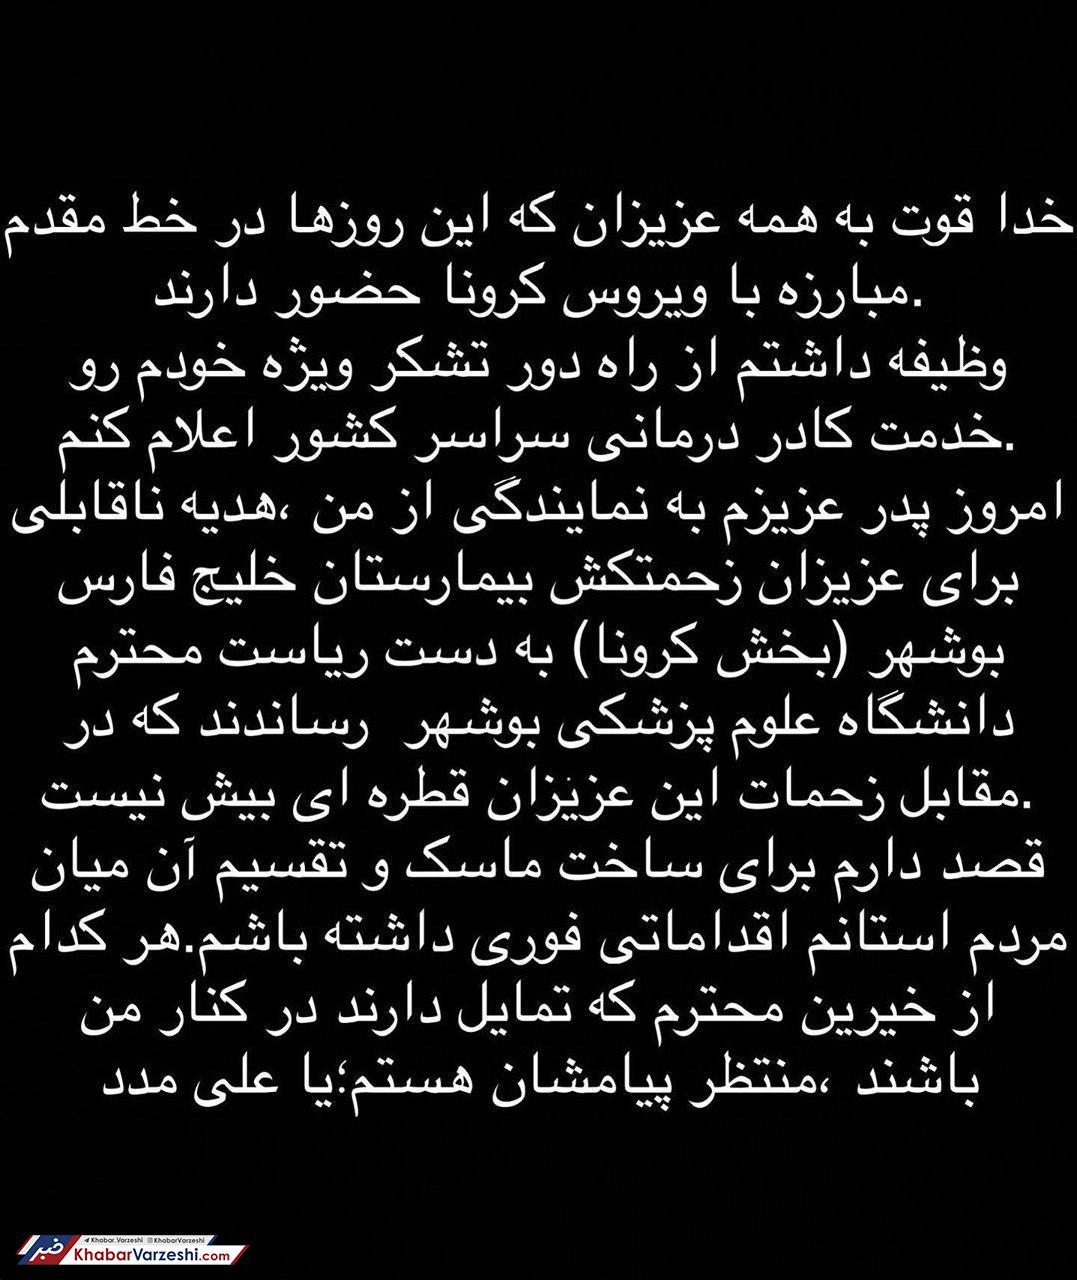 کمک لژیونر ایرانی به بیمارستان بیماران کرونایی